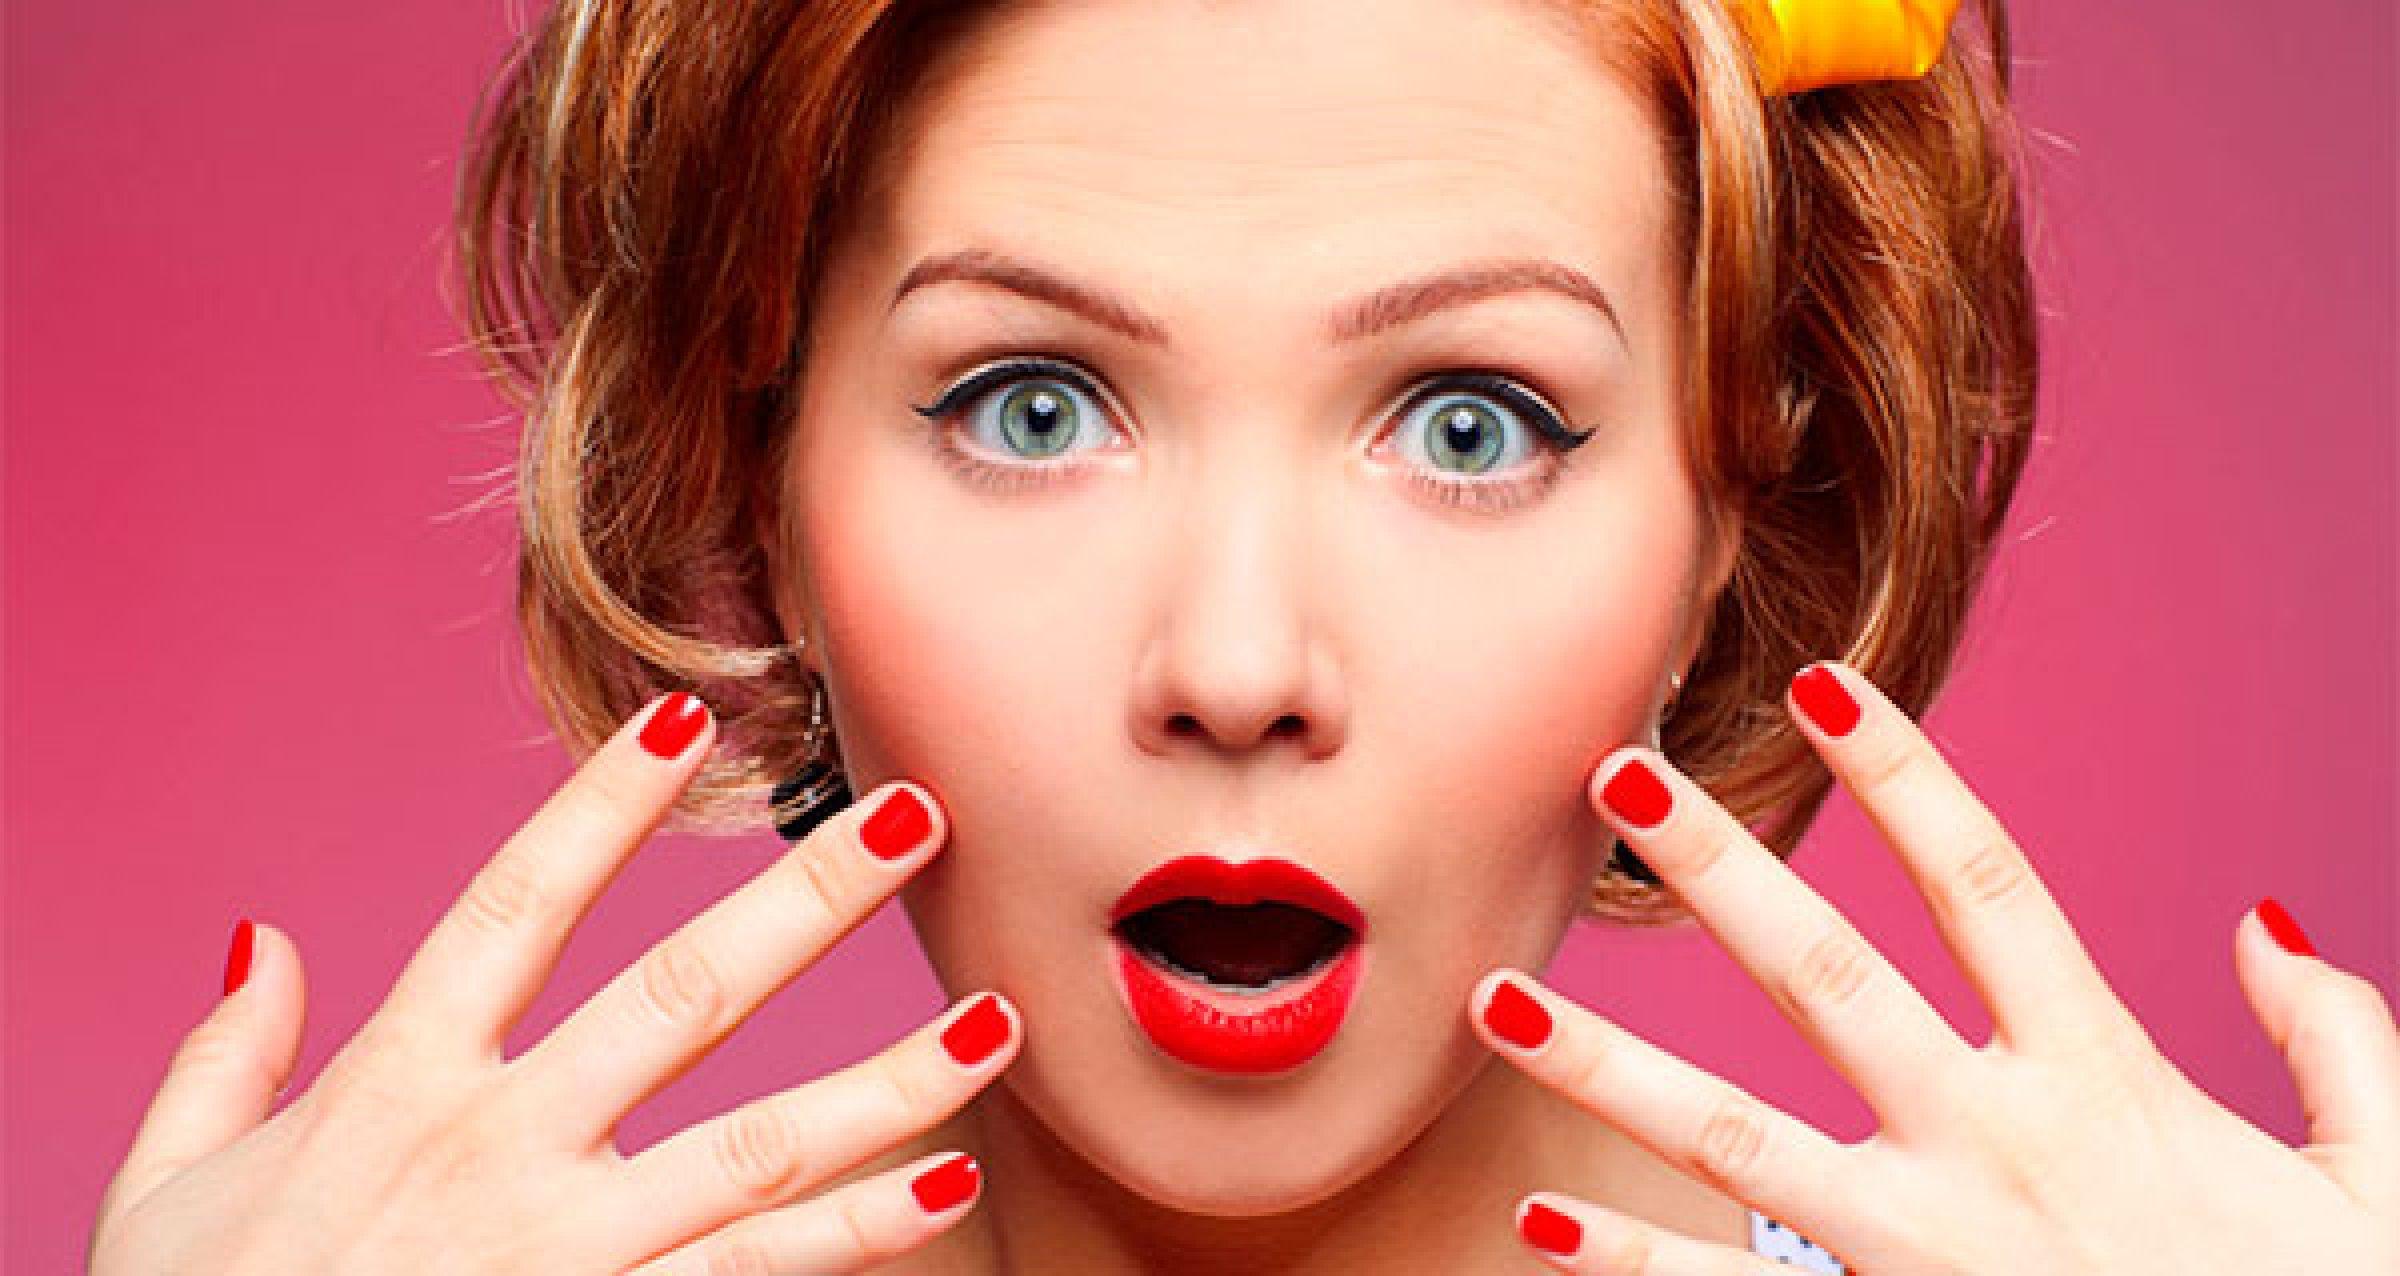 Смешное фото девушки и ногти